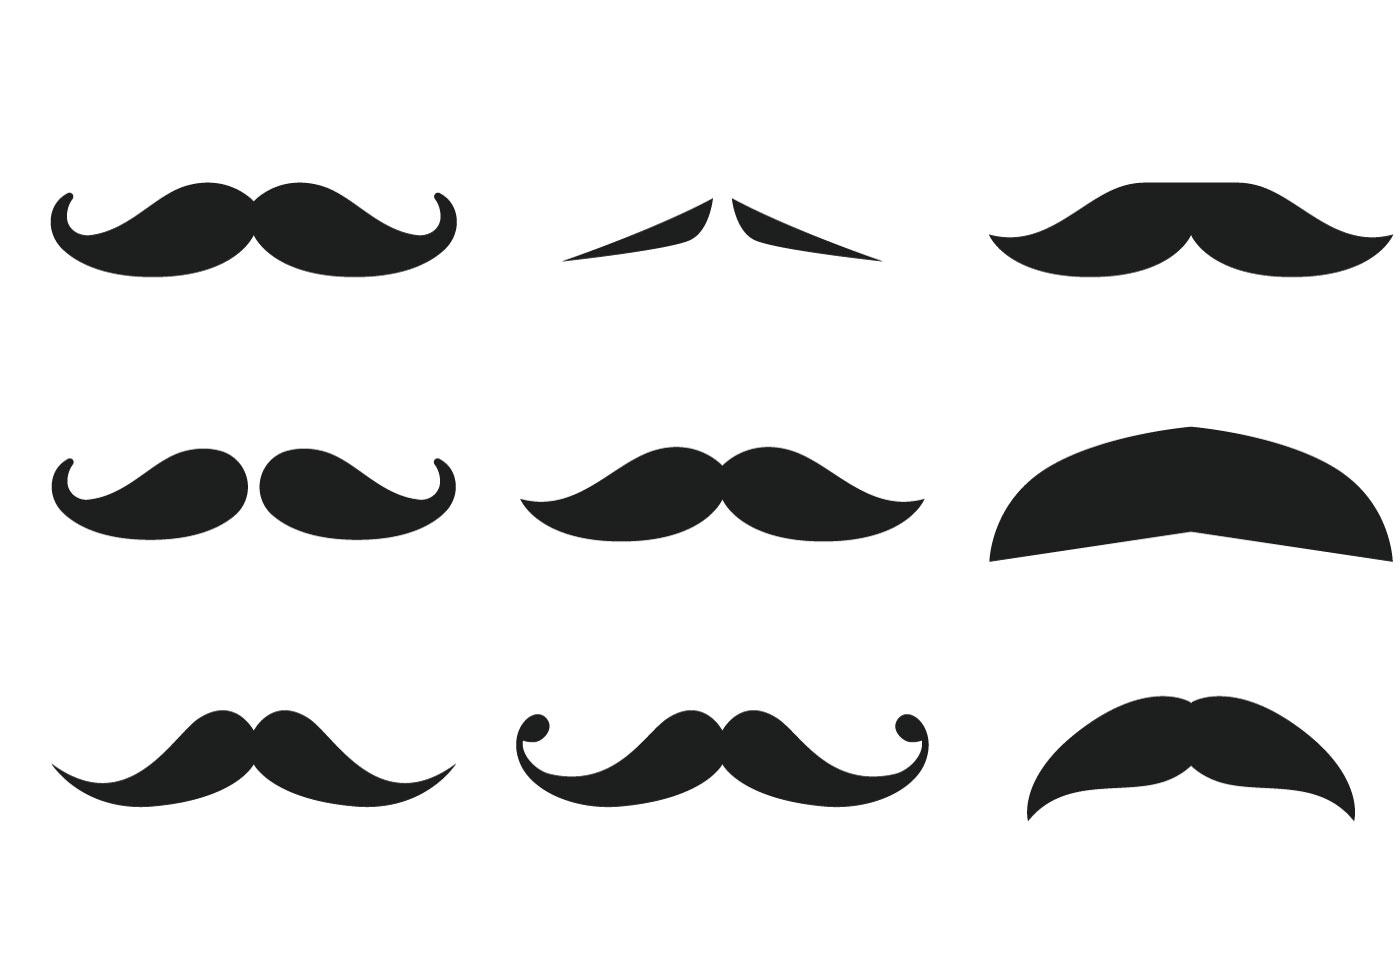 Colección Mustache Descargue Gráficos Y Vectores Gratis